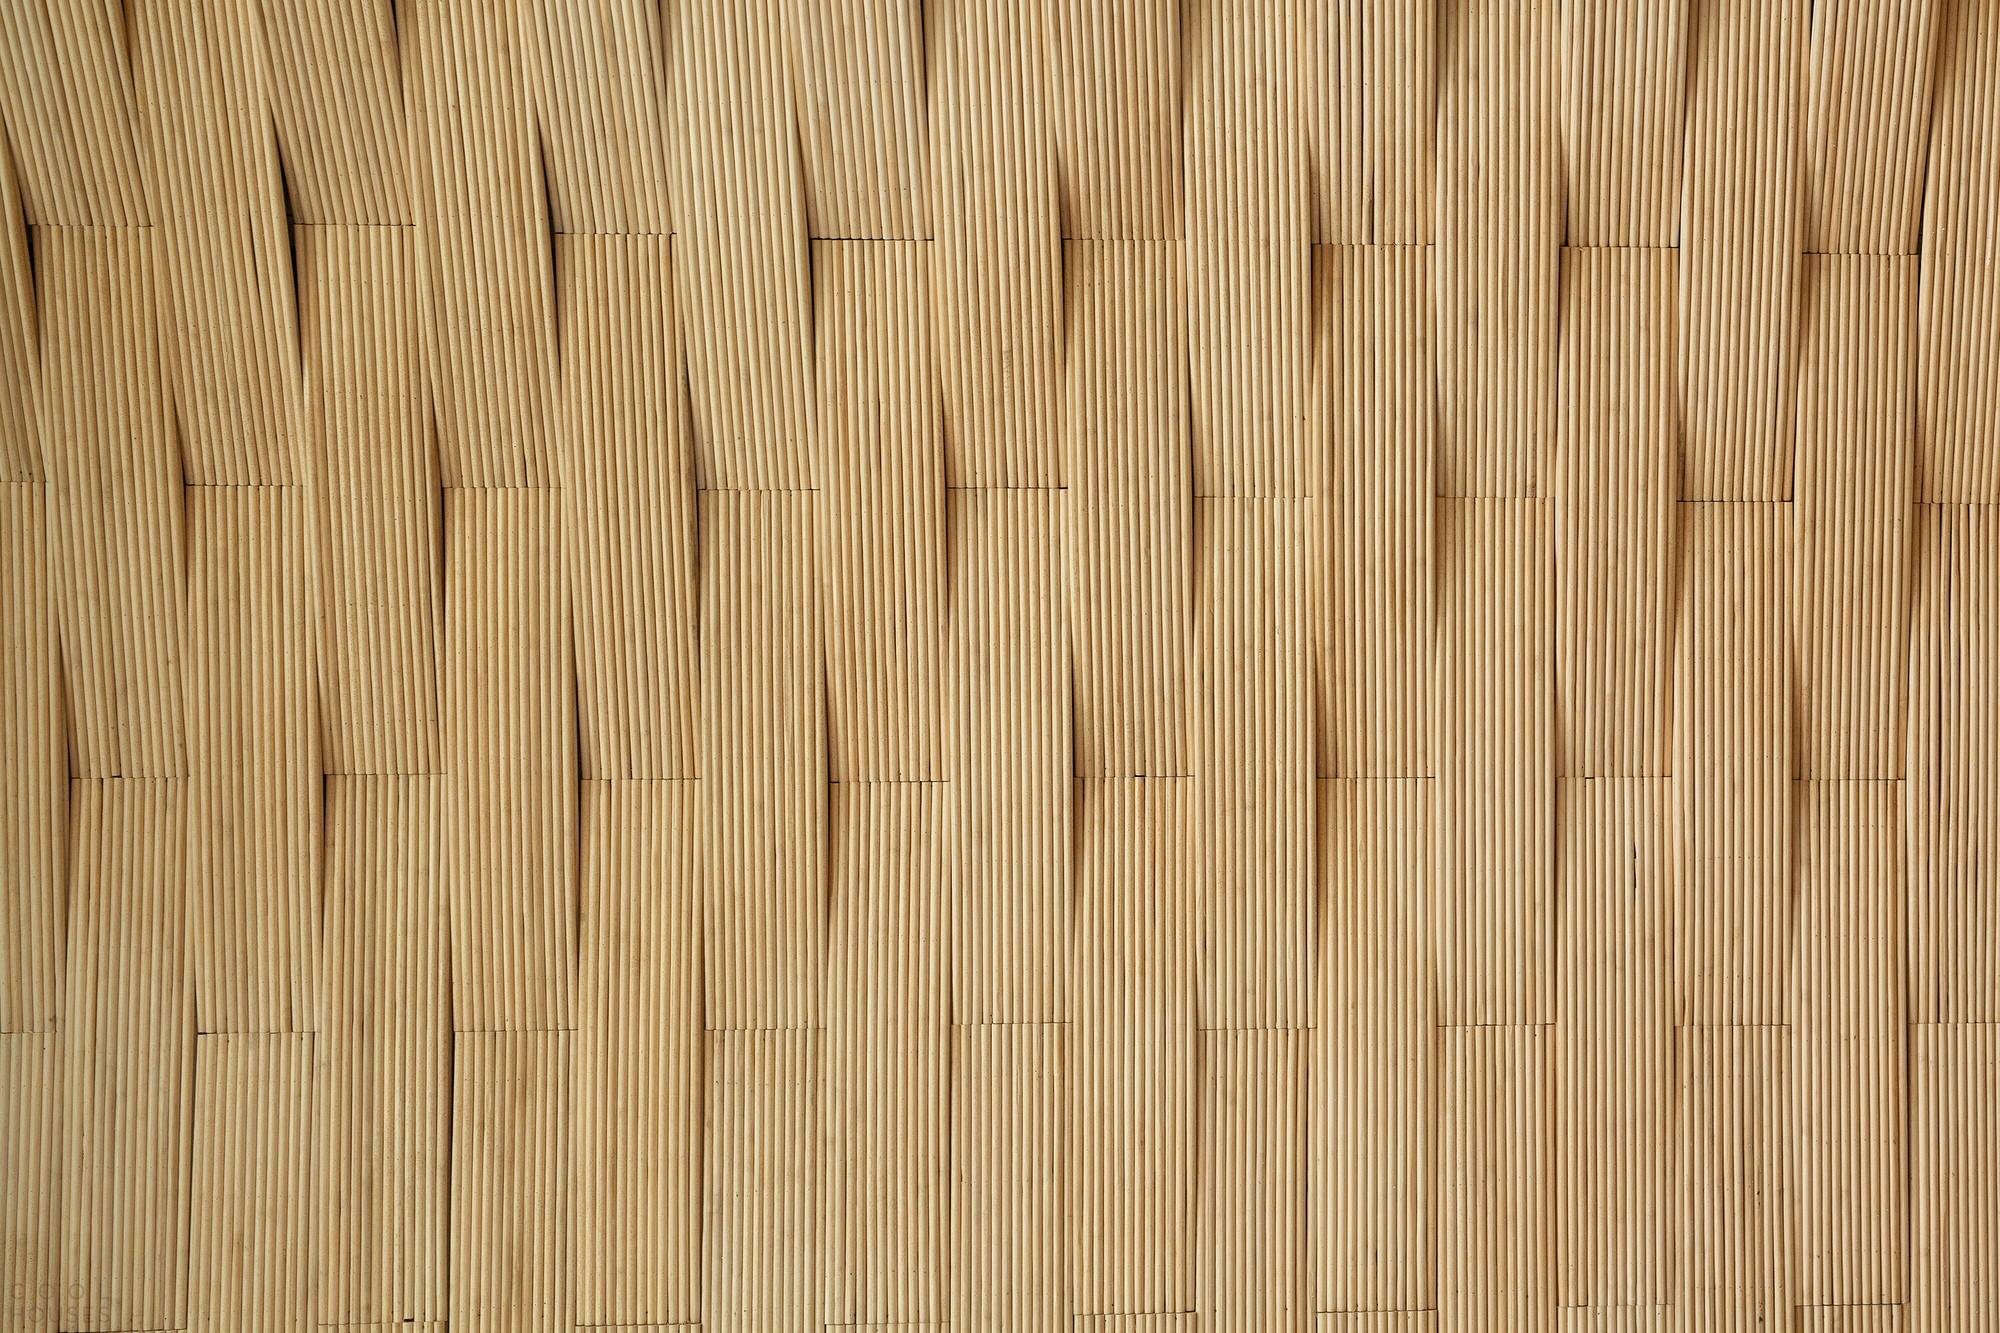 Апарт-отель с роскошным бамбуковым дизайном